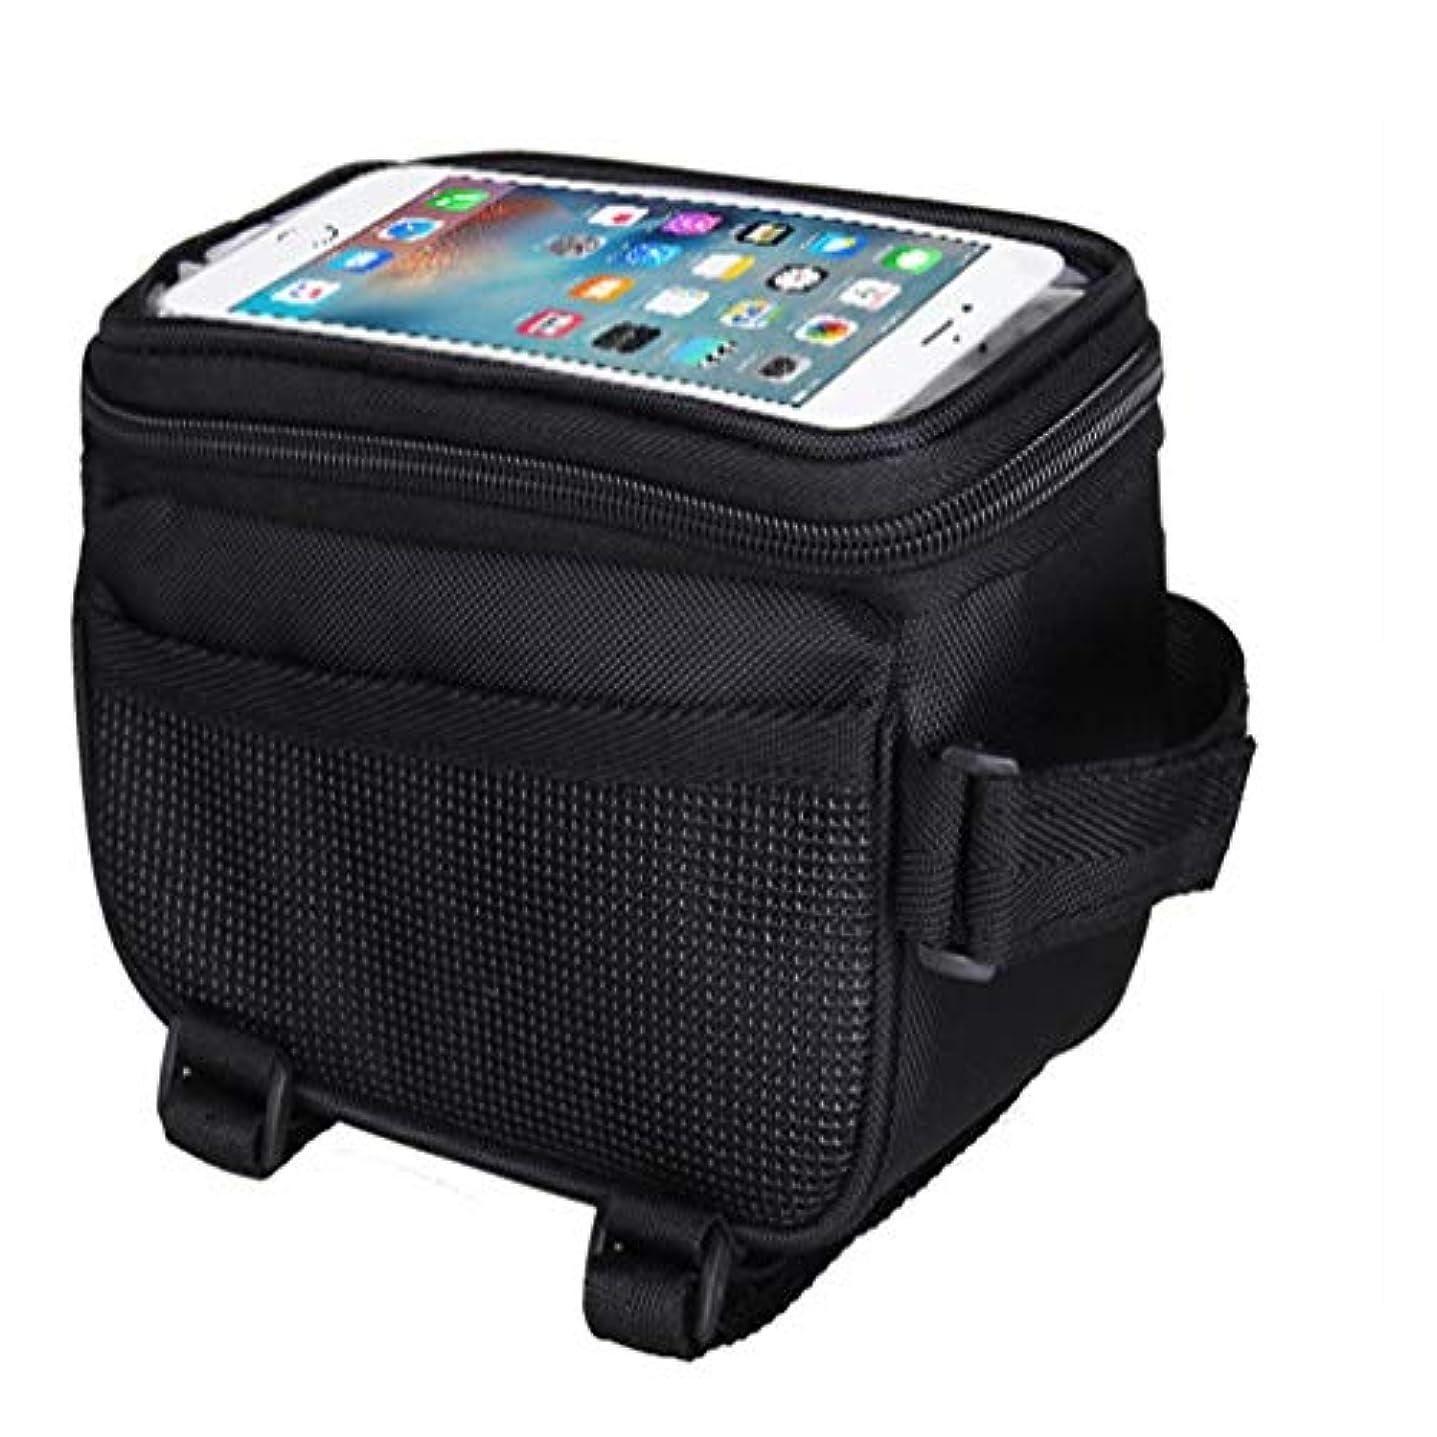 ペック大臣試してみる自転車 フロントバッグ 自転車電話バッグタッチスクリーンチューブパッケージ 多機能 サイクルバッグ (色 : ブラック)